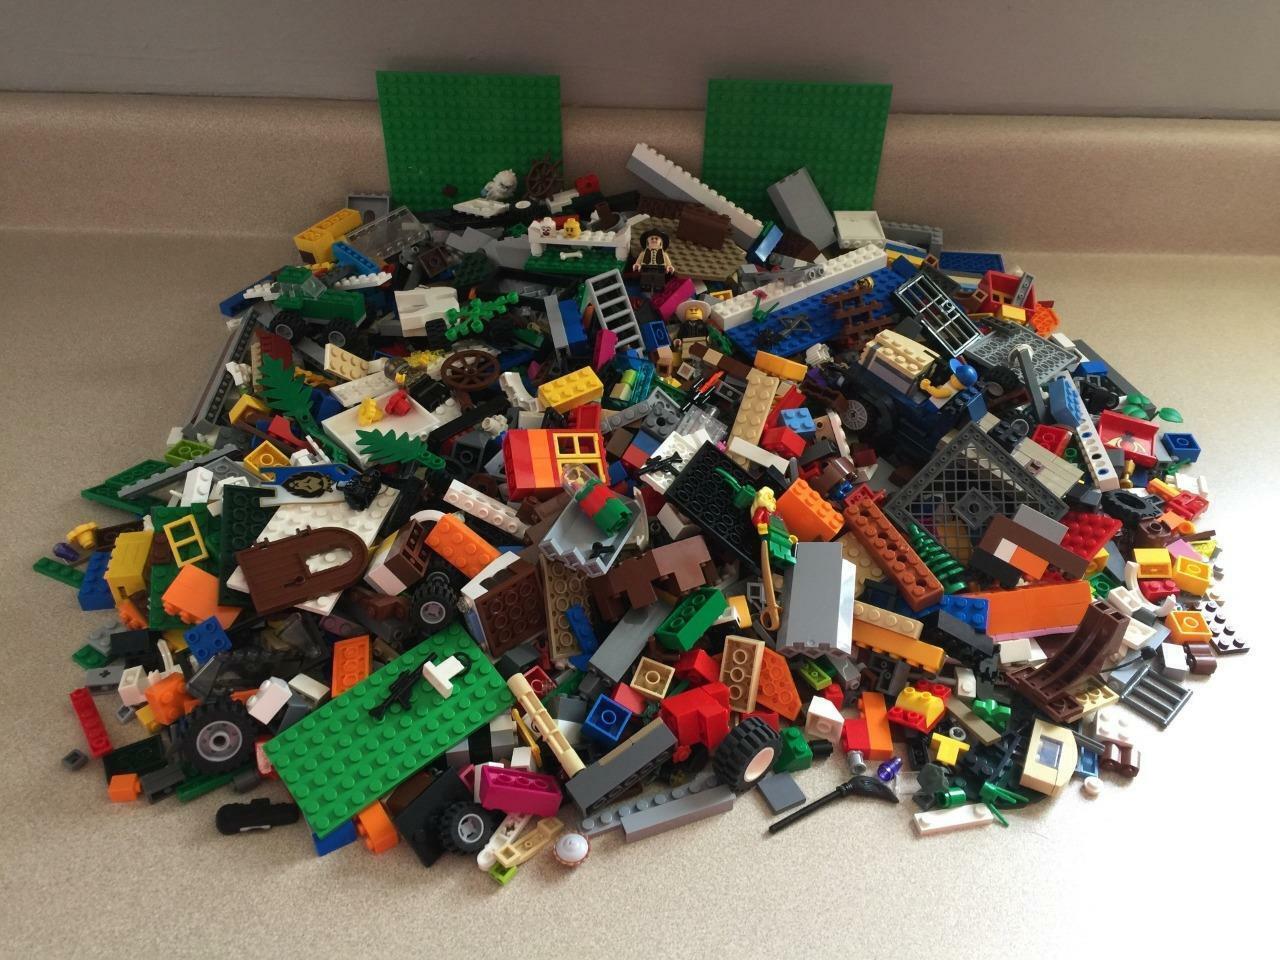 8+ + libras Lego Lote Star Wars, Castillo, Harry Potter, Mezclado Accesorios de ladrillo a granel